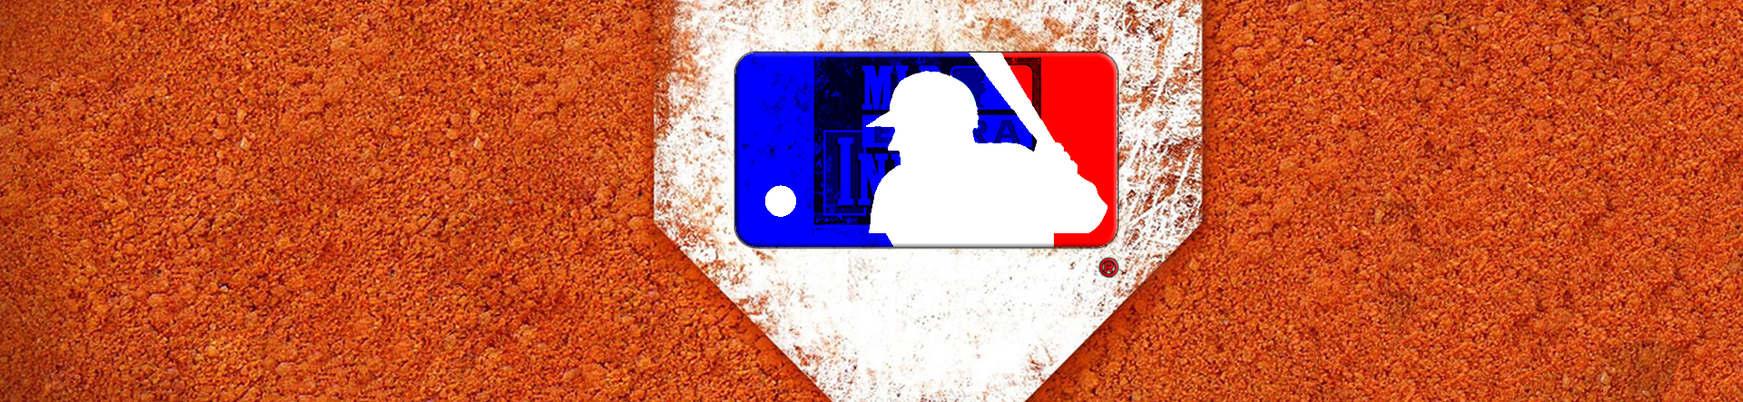 MLB_썸네일.jpg